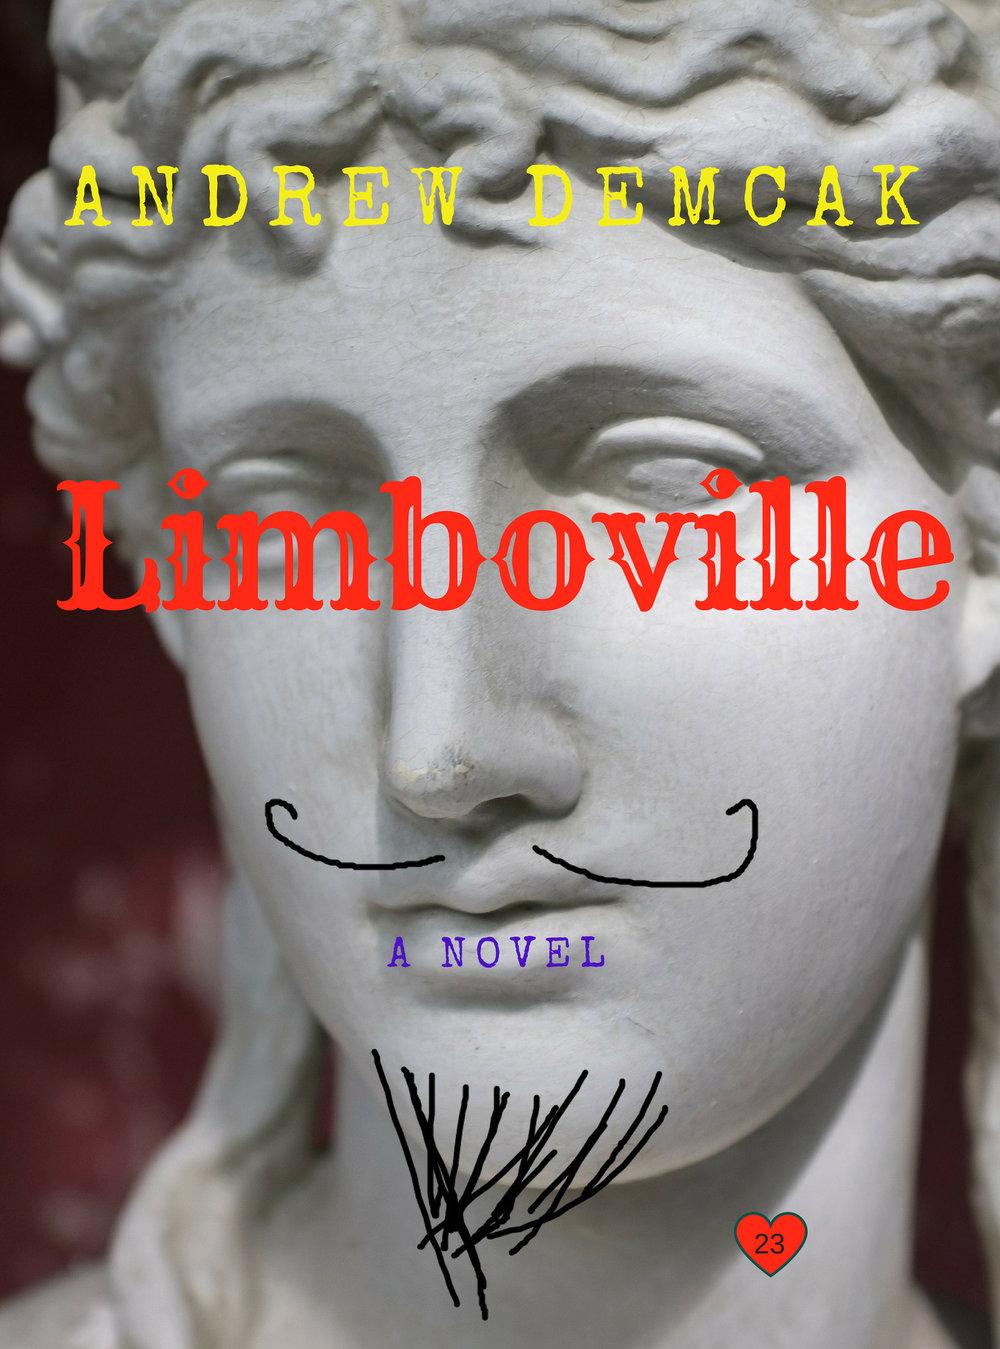 Limboville Cover Redo 2.jpg